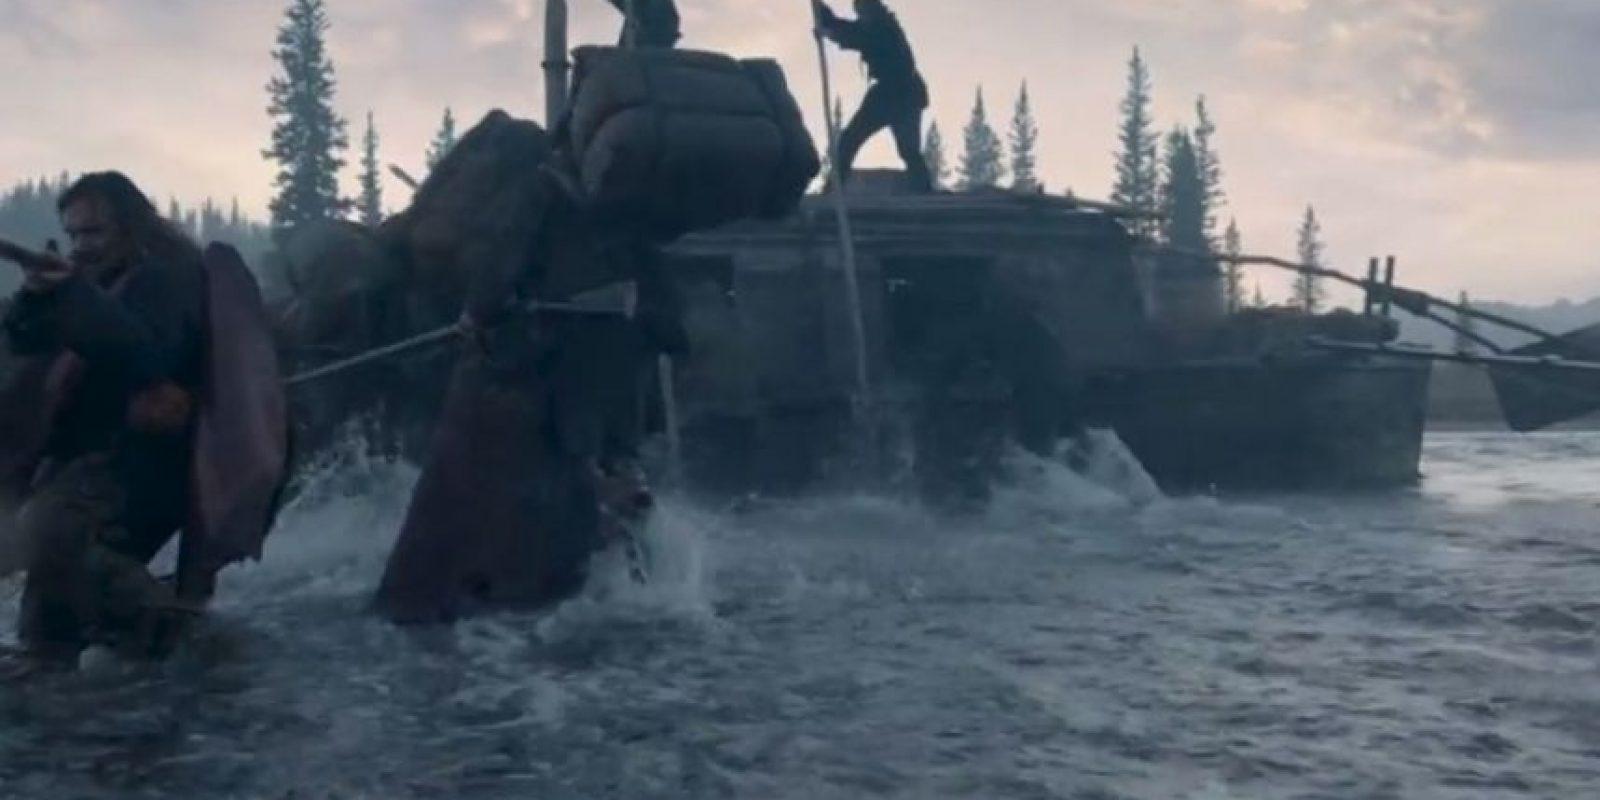 Uno de ellos fue cruzar ríos congelados. Foto:20th Century Fox